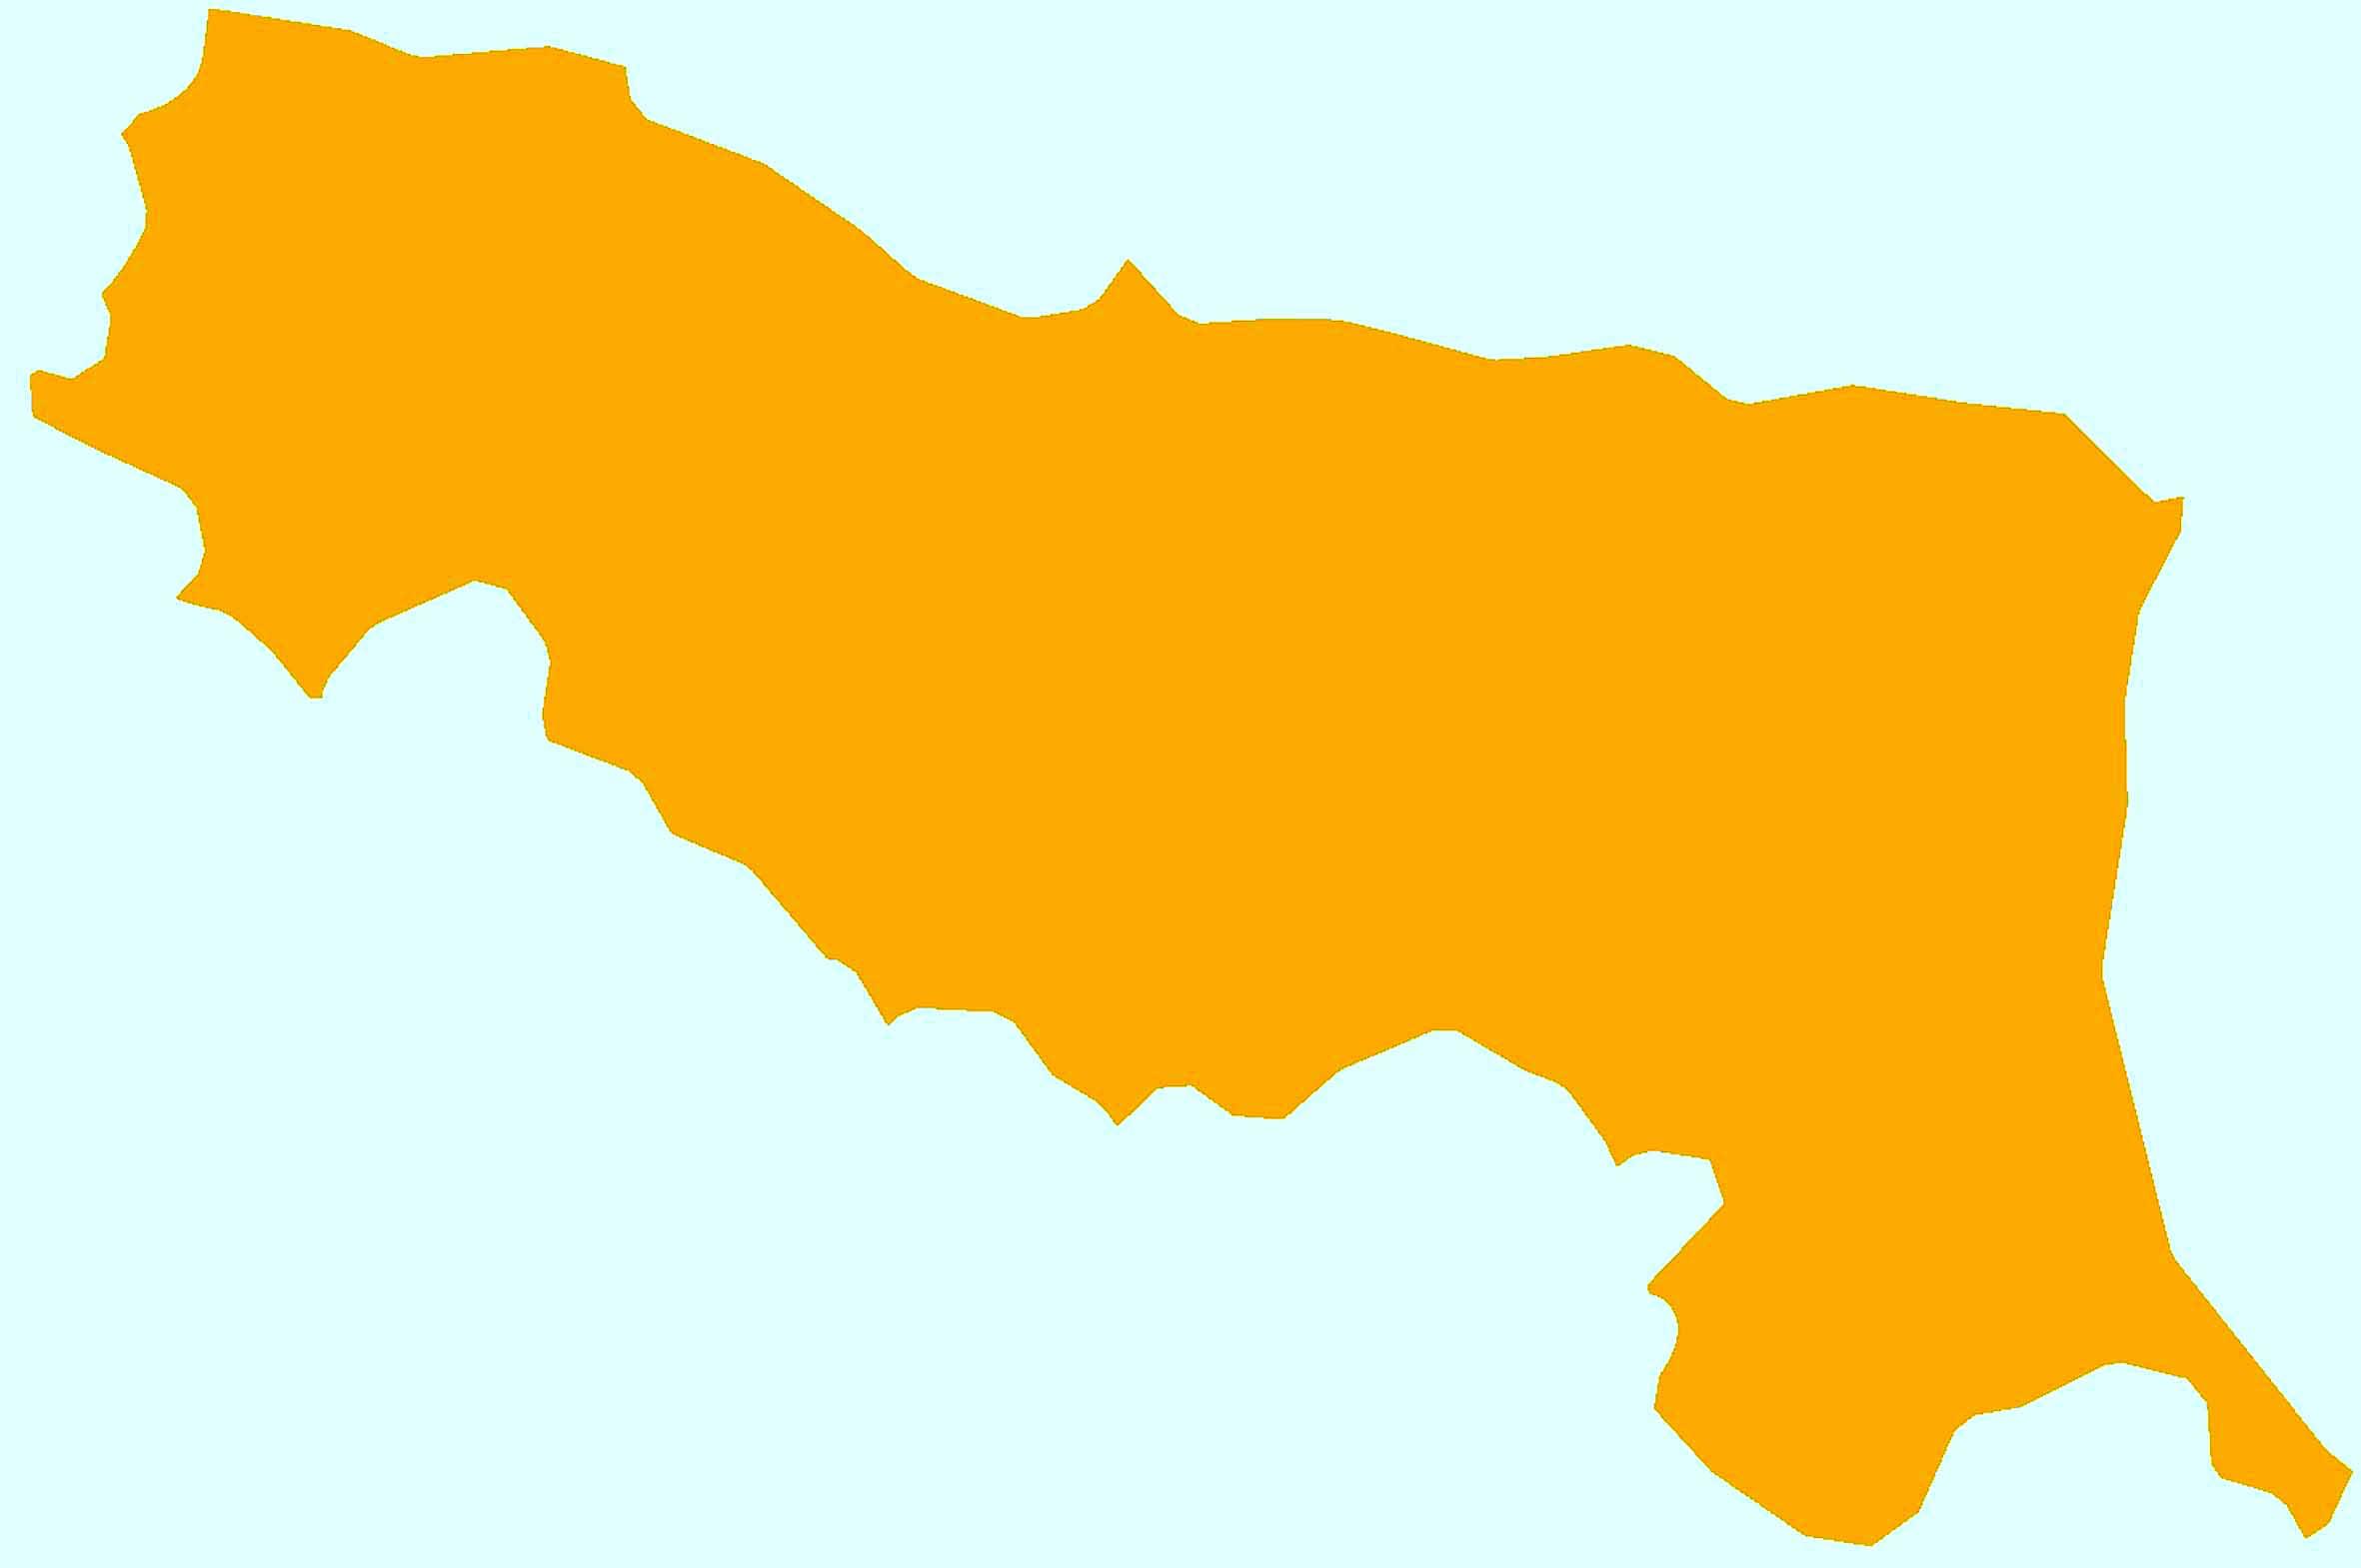 Emilia-Romagna seconda regione italiana sul podio dello sviluppo. Ecco gli scenari per le economie locali di Prometeia, analizzati da Unioncamere Emilia-Romagna